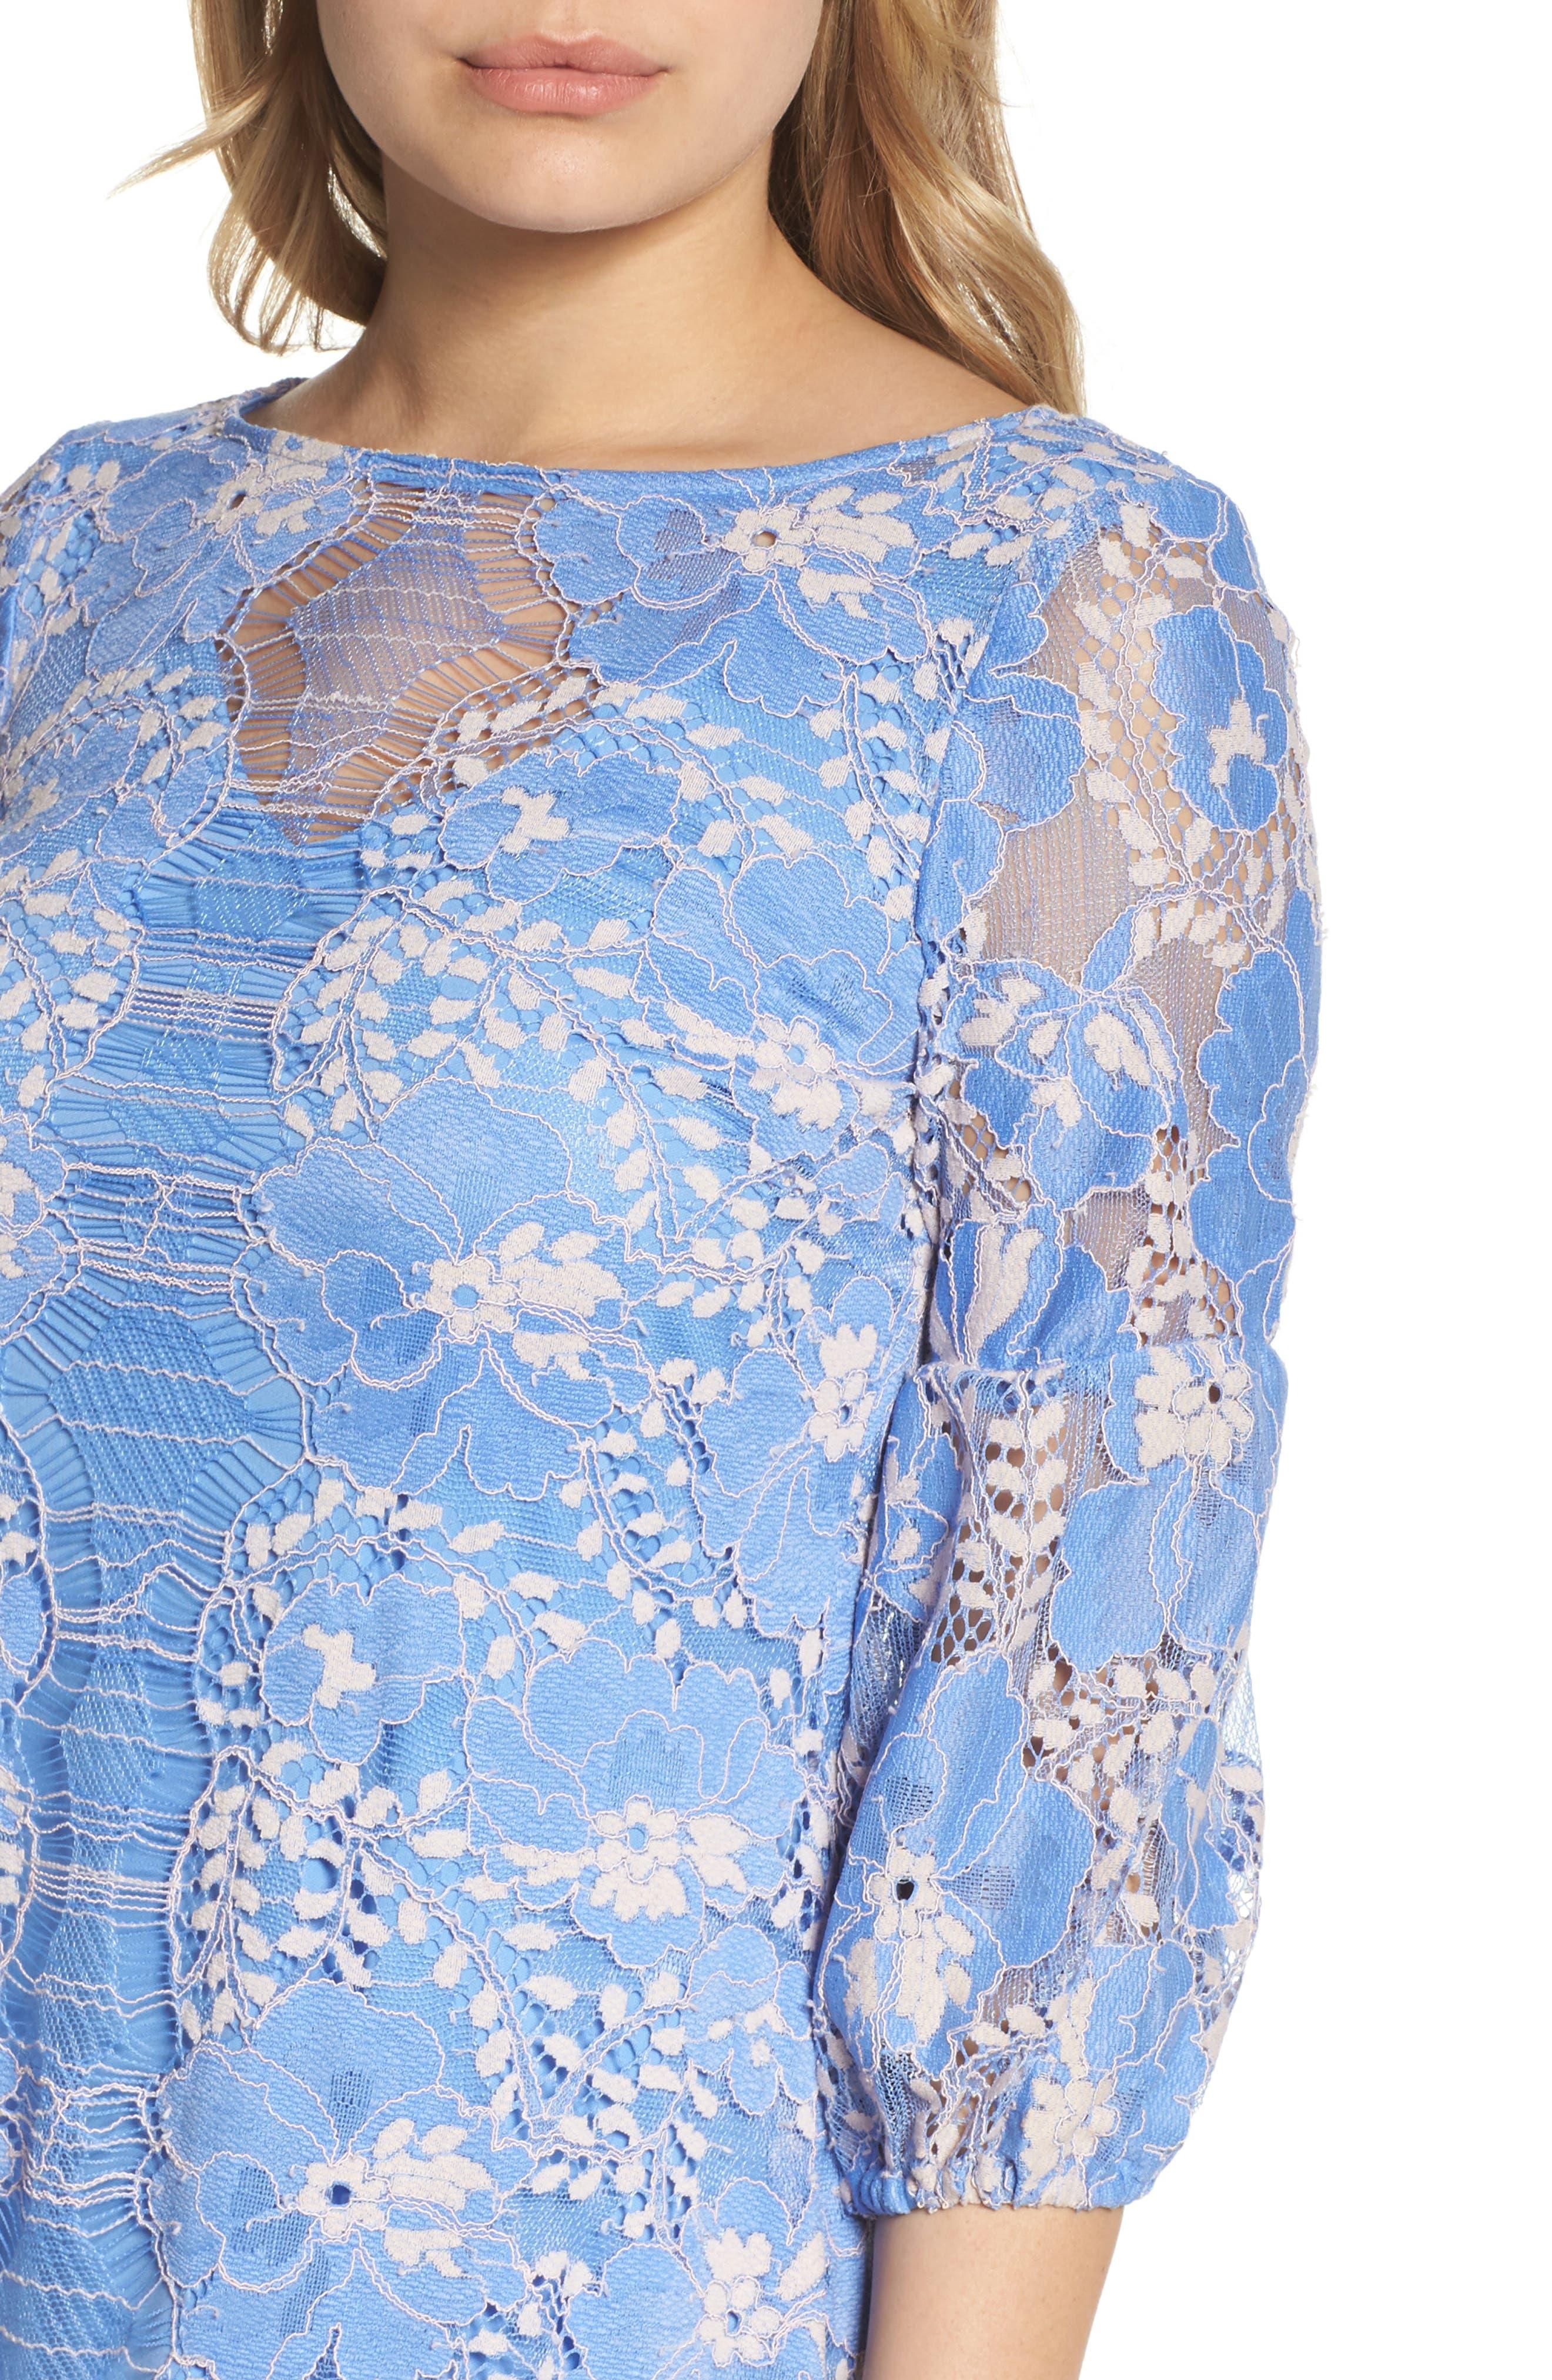 Lace Shift Dress,                             Alternate thumbnail 4, color,                             Blue/ Blush